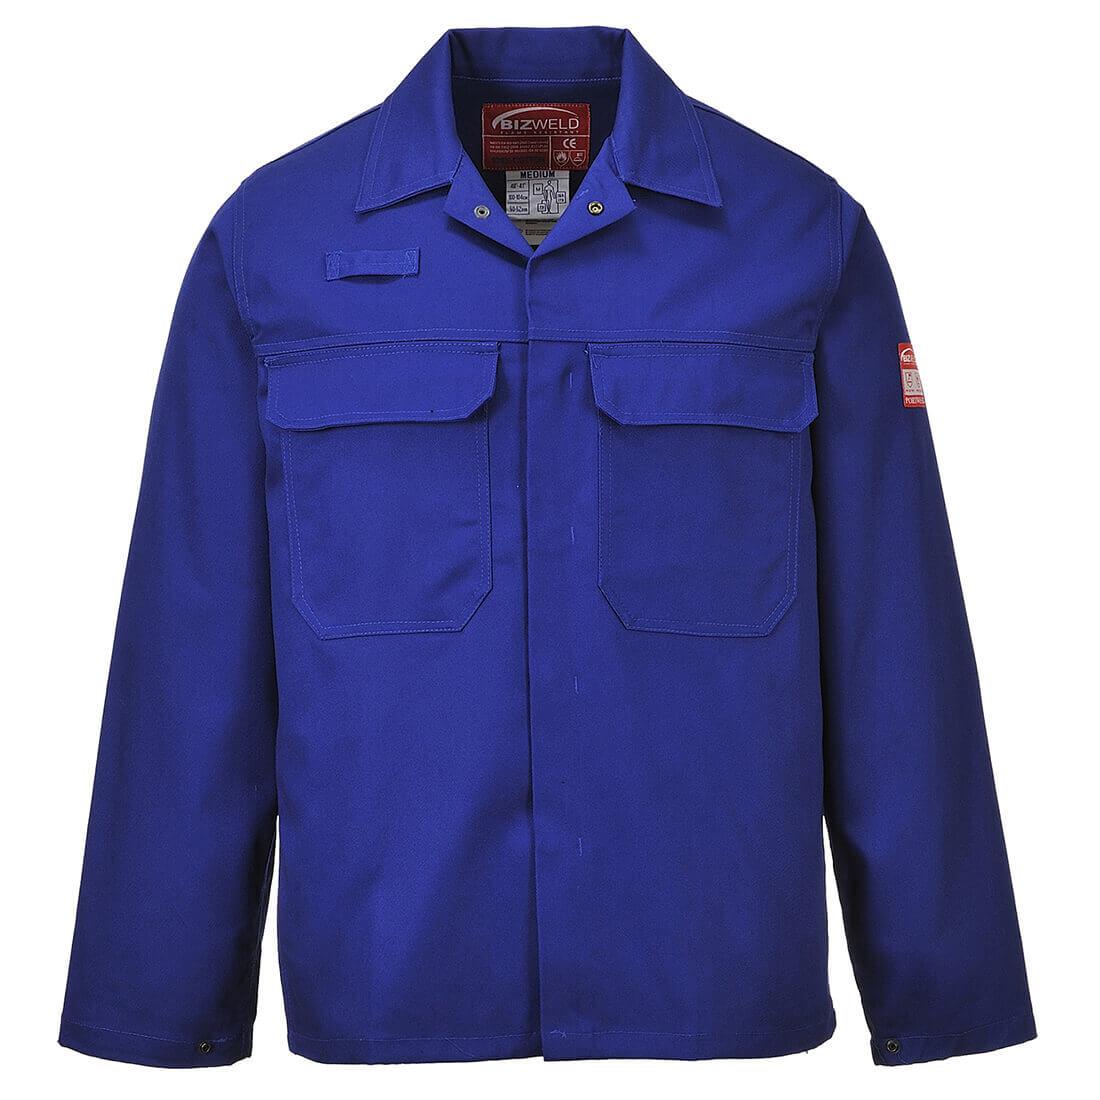 Image of Biz Weld Mens Flame Resistant Jacket Royal Blue L